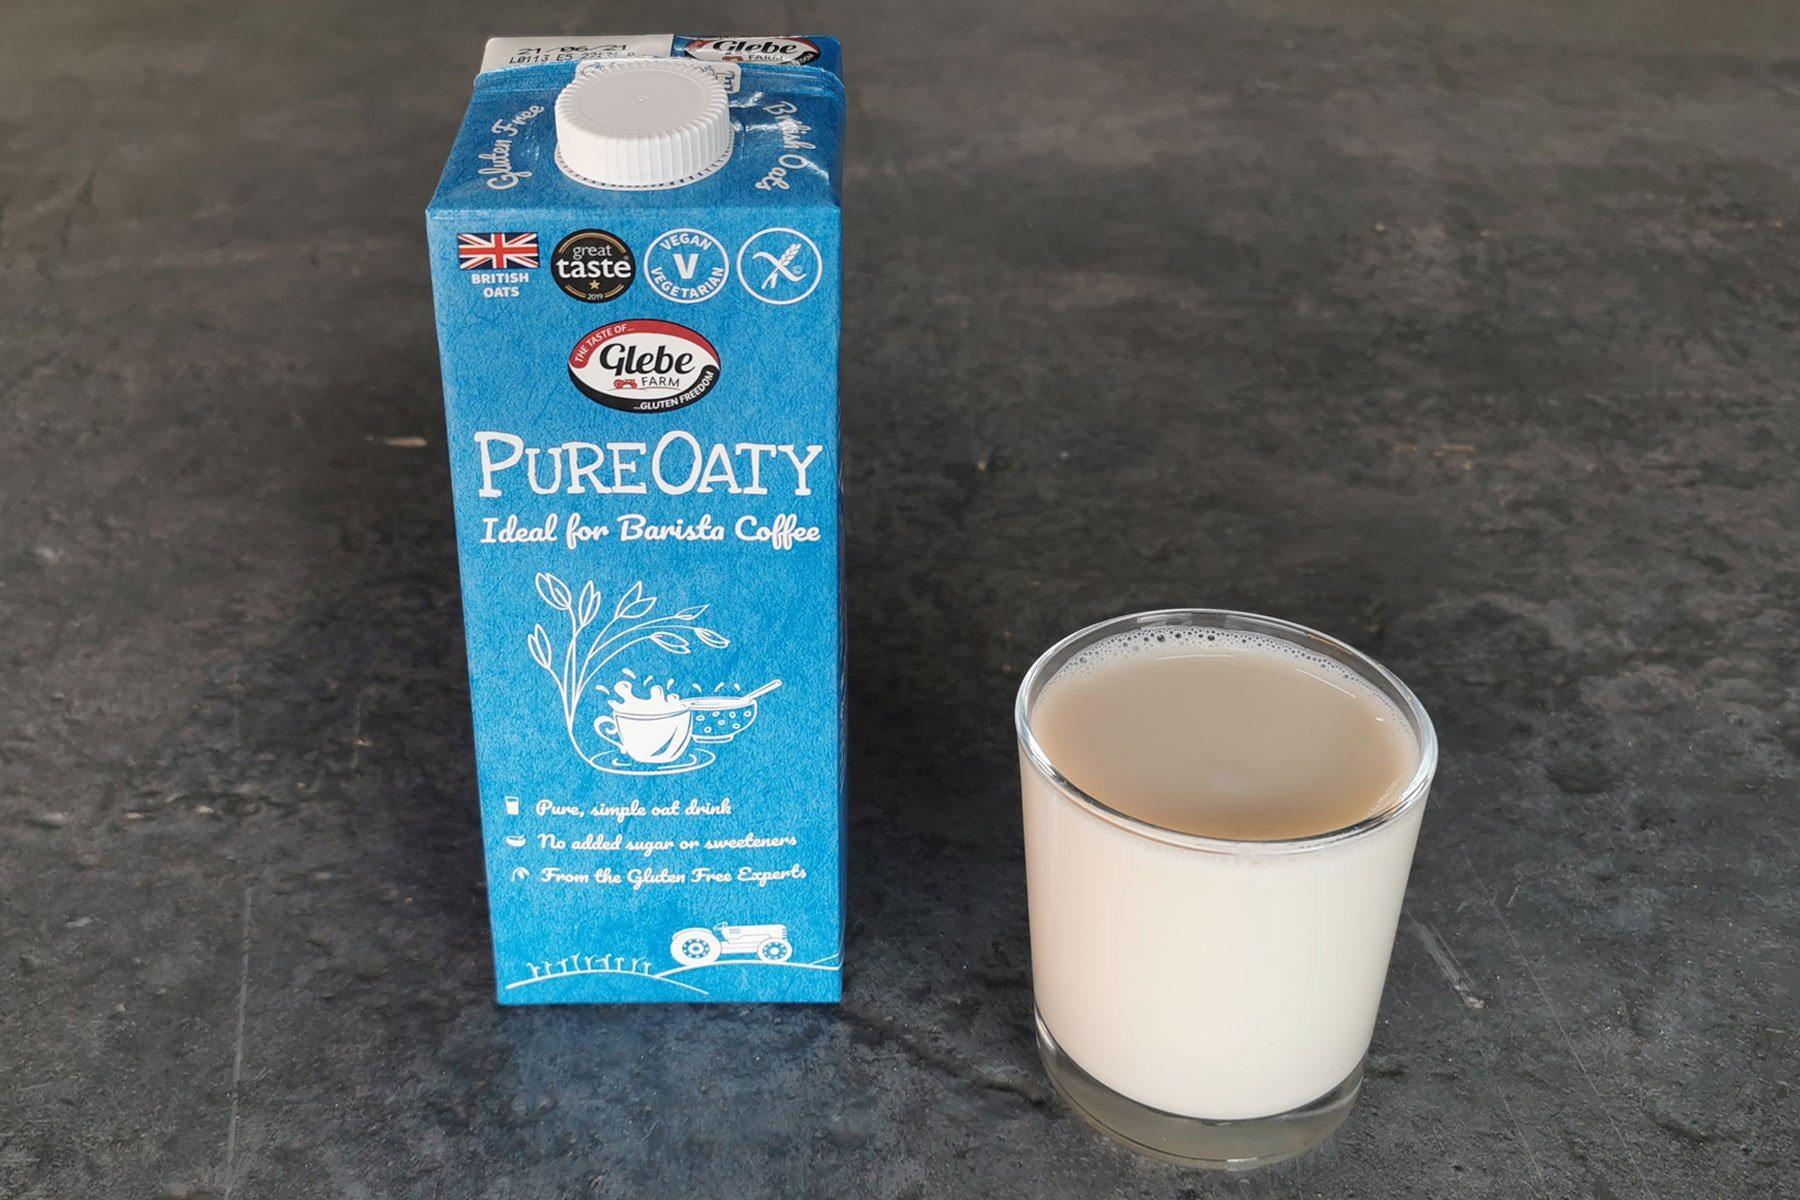 PureOaty Oat Drink (GF)